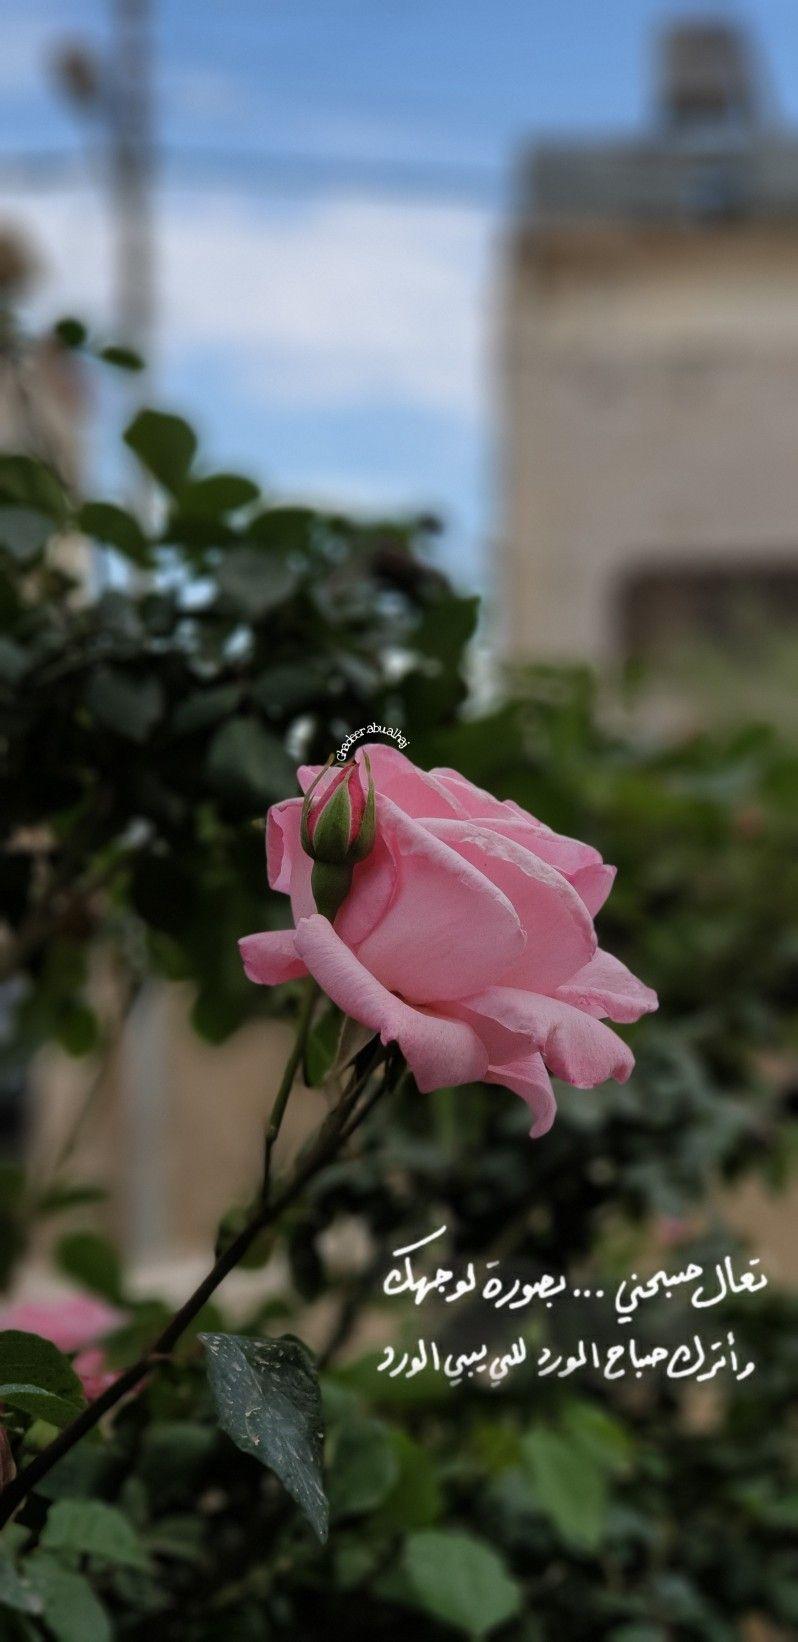 ورد صباحيات صباح الخير صباح الورد صور خلفيات اقتباسات كلام Daisy Art Rose Daisy